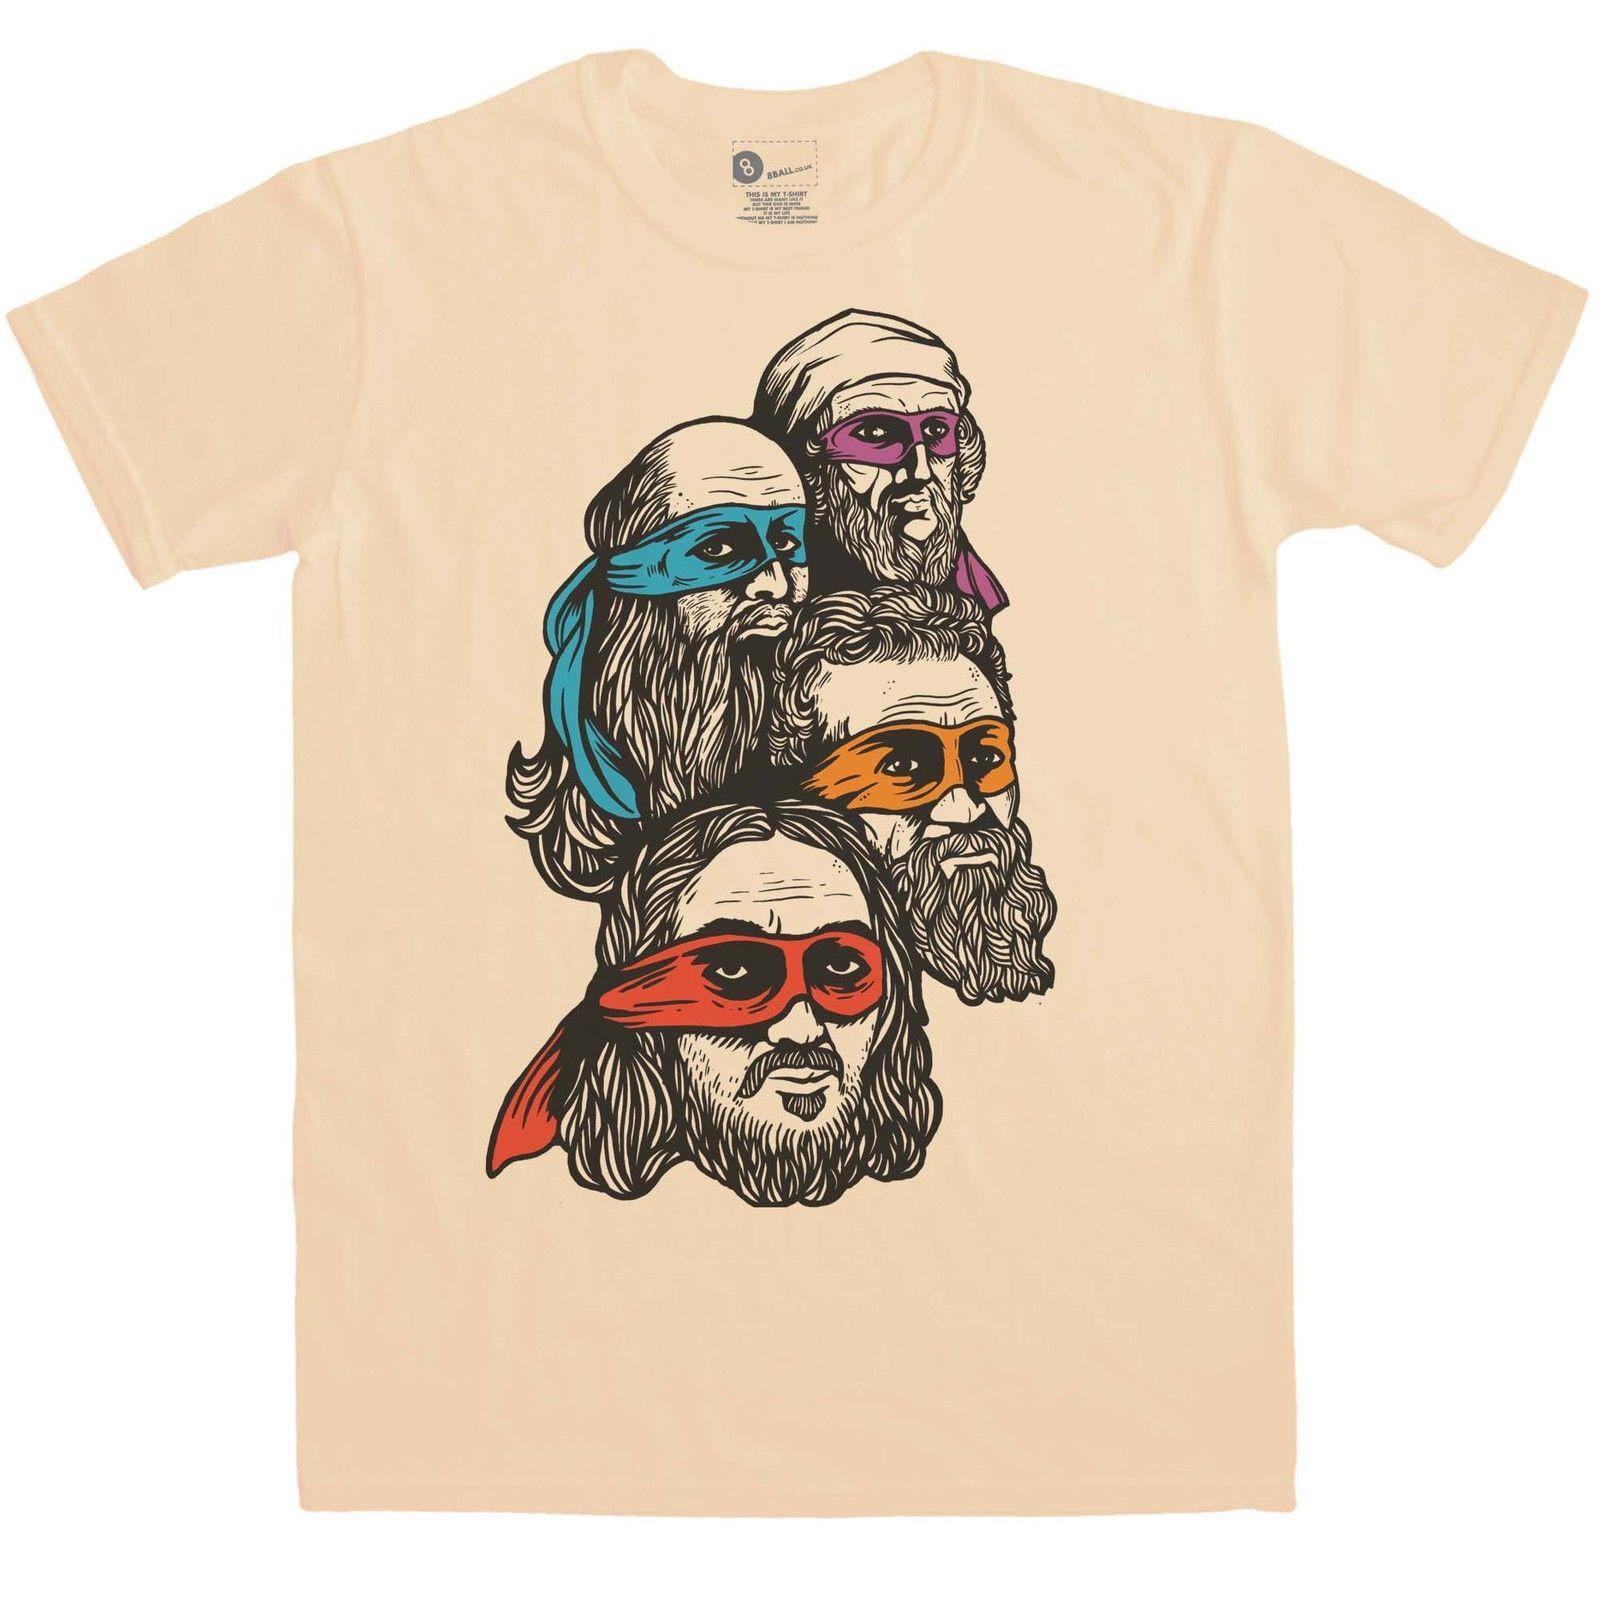 aae150b343 Compre Ninja Renacimiento Tortugas Camiseta Divertido Envío Gratis Unisex  Casual Camiseta De Regalo A  12.96 Del Tee spirit